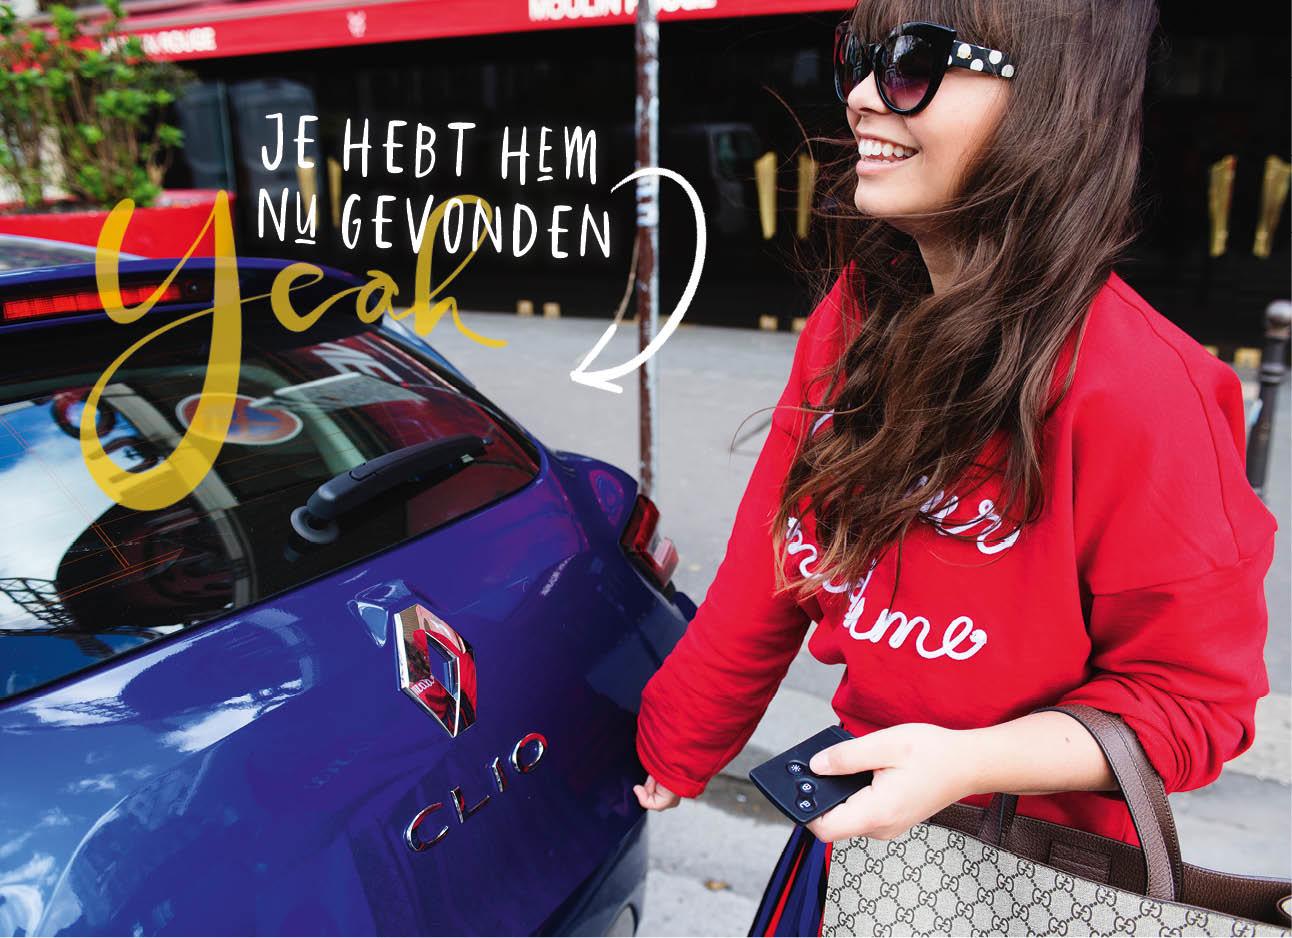 kiki lachend in parijs met een rode trui aan en een grote zonnebril naast een donker blauwe clio renault